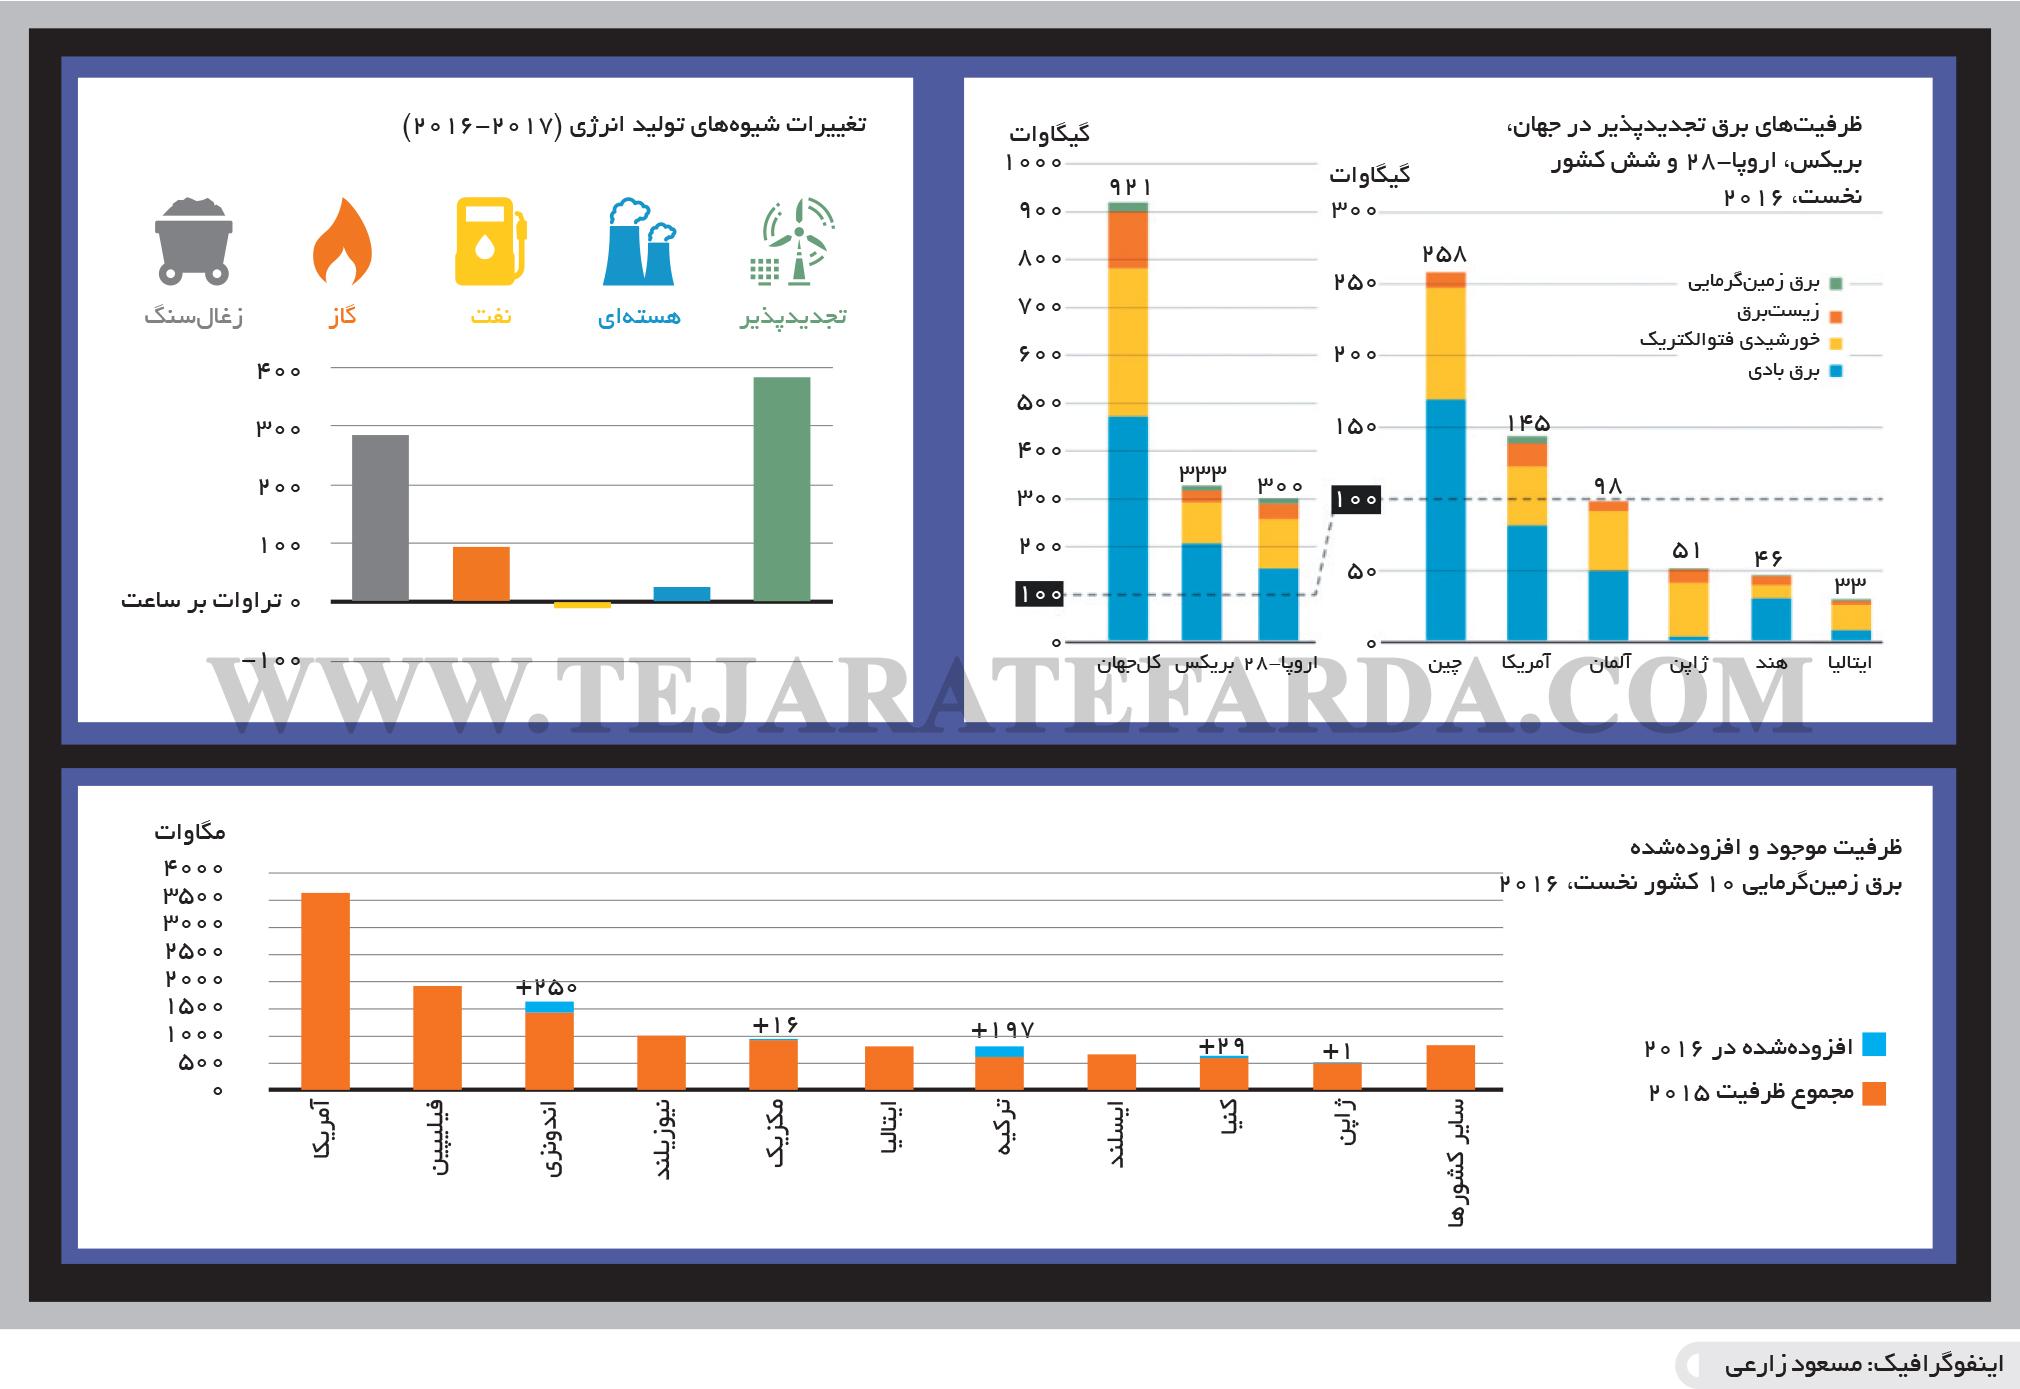 تجارت- فردا- صنعت برق در جهان(اینفوگرافیک)